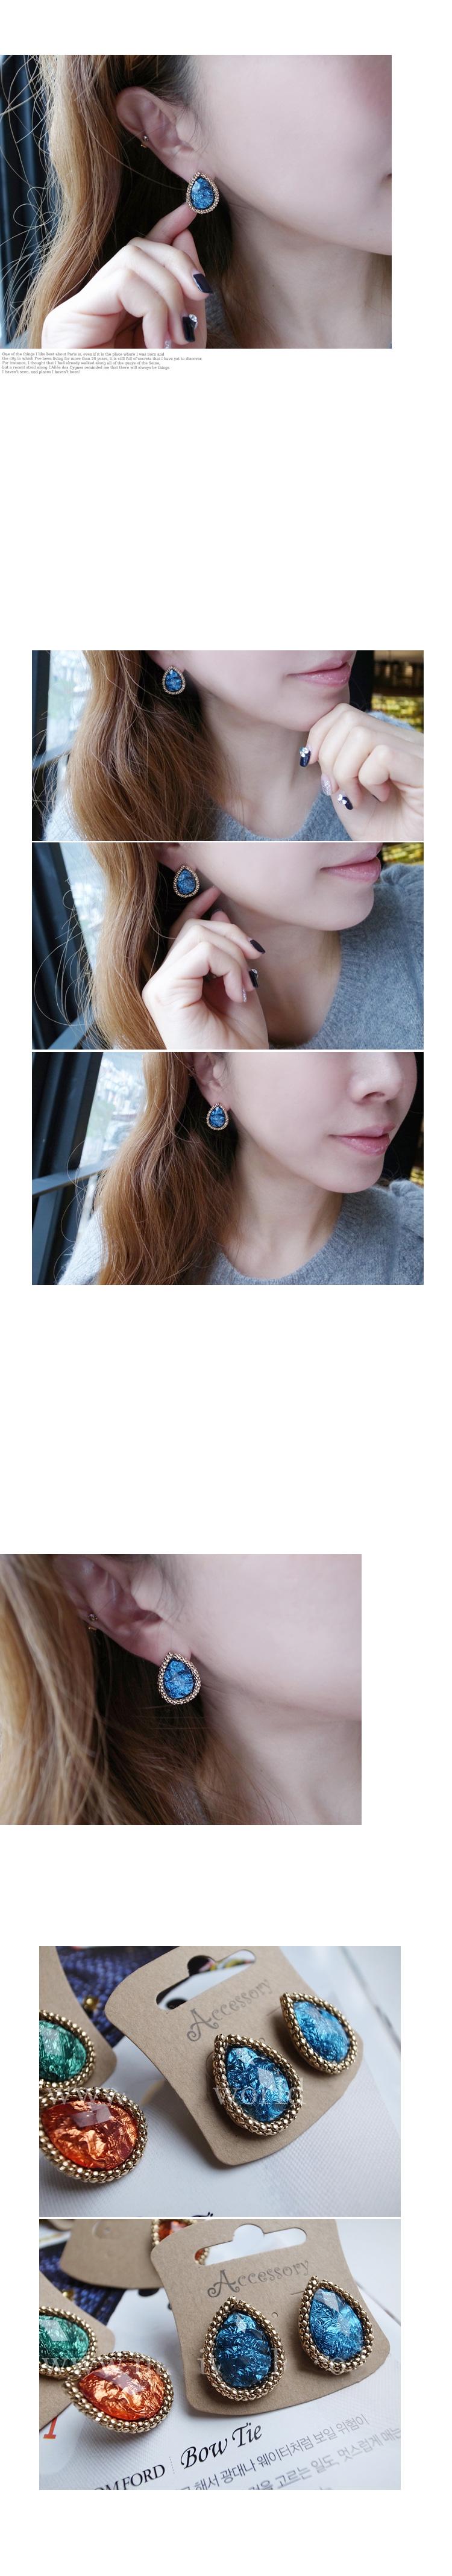 韓國 NaniWorld 藍寶石鑲金邊氛圍耳飾 #2095